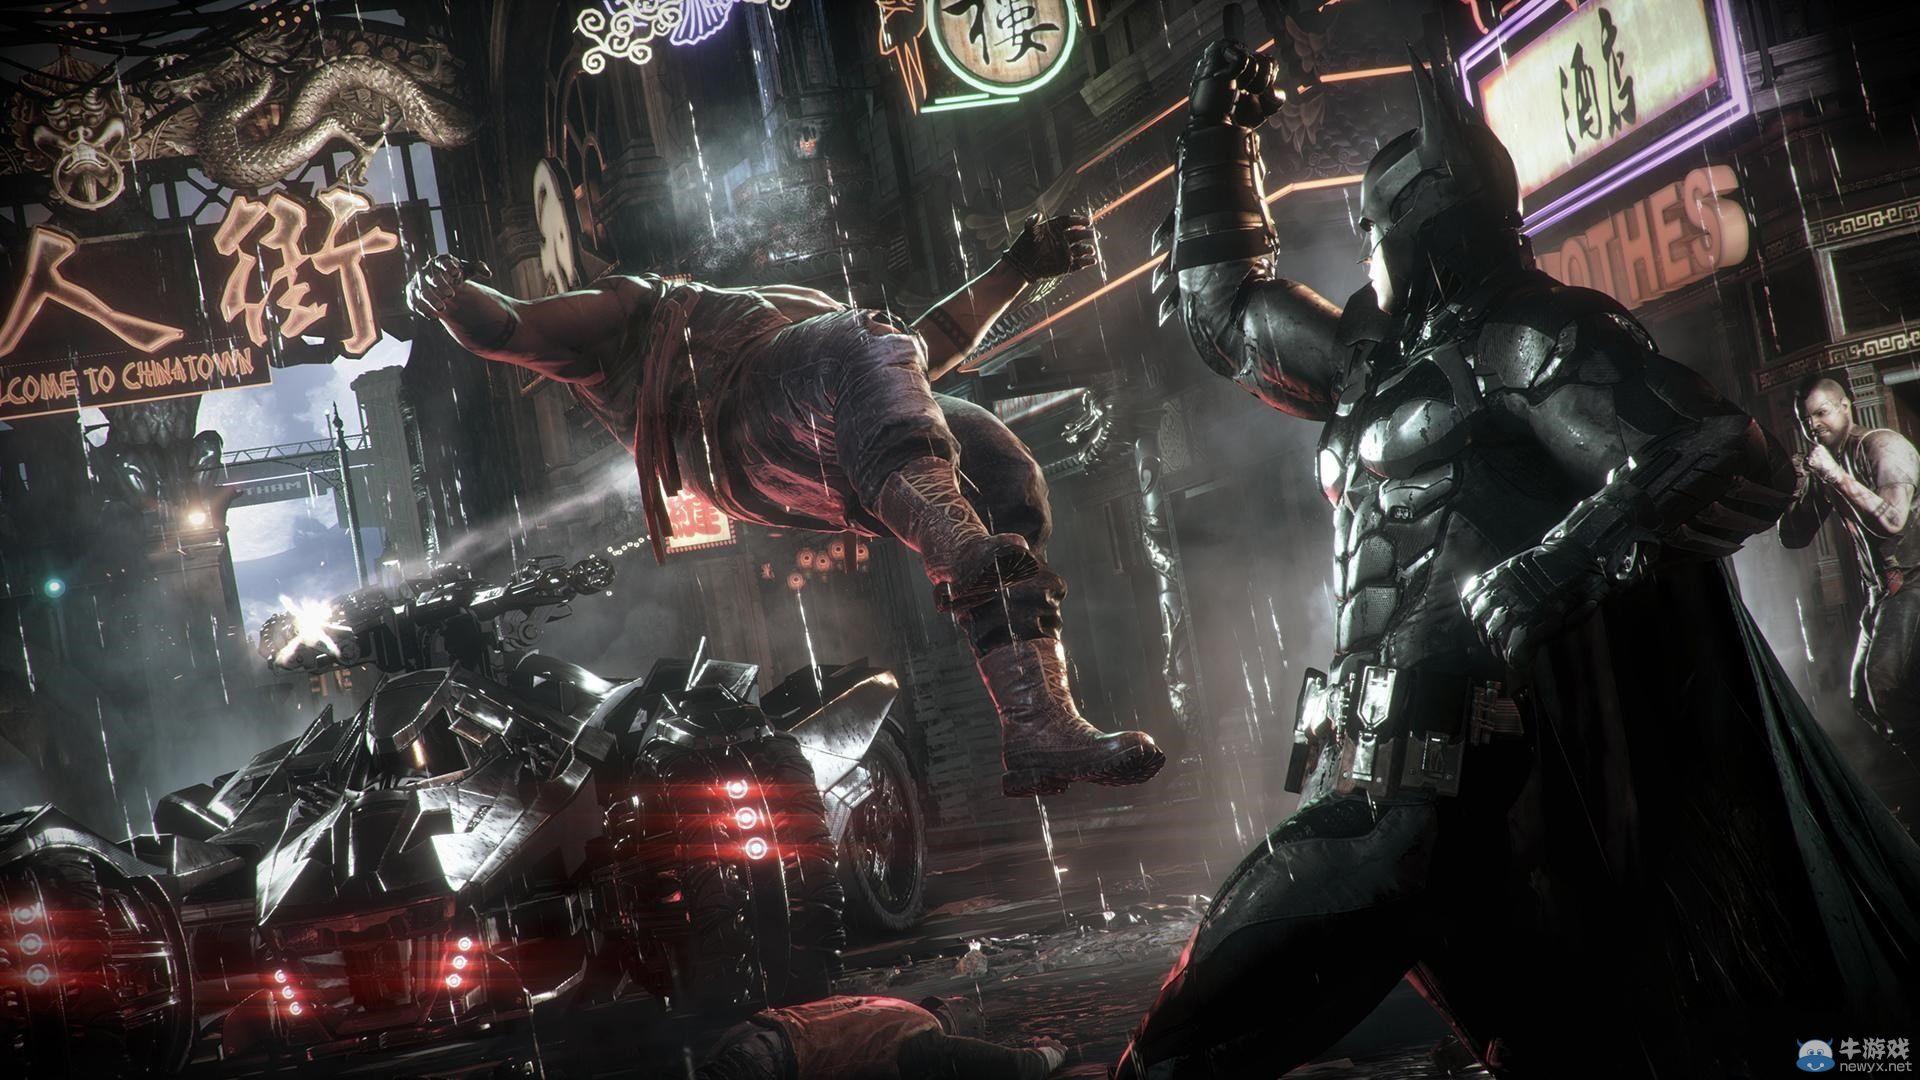 《蝙蝠侠:阿甘骑士》开发工作已接近完成:好期待